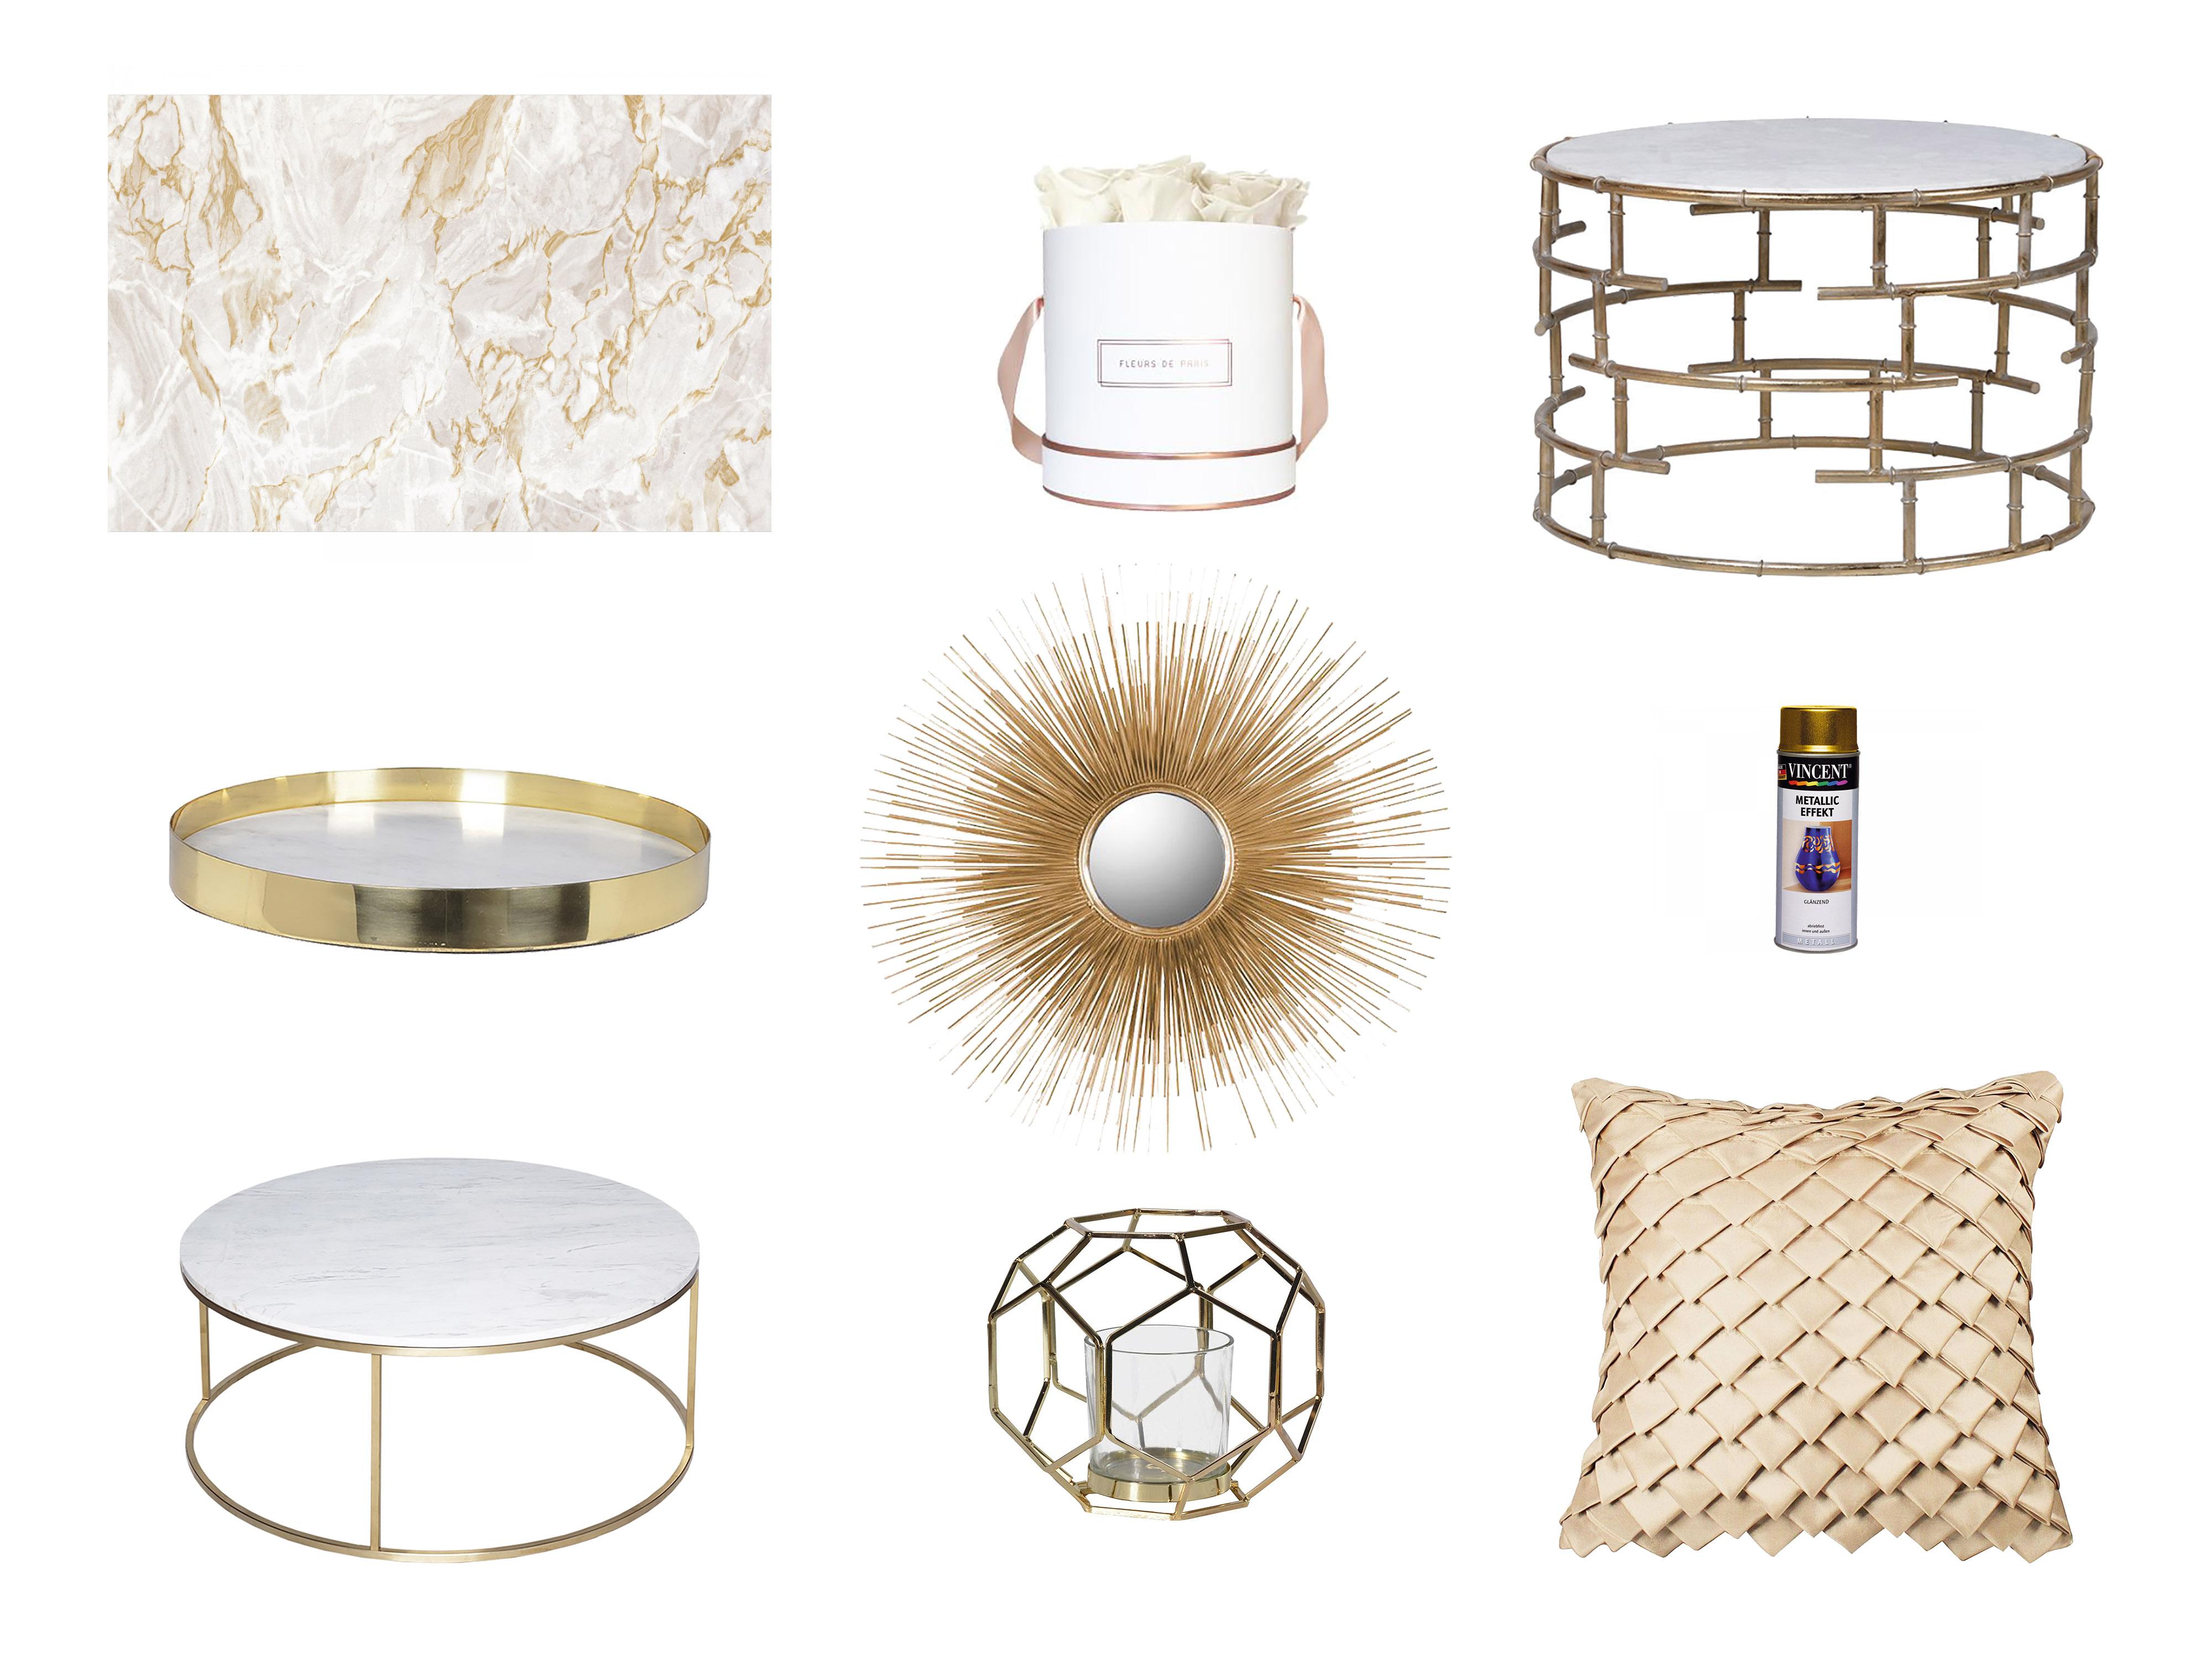 Wohntrend GOLD -Key Pieces für das Wohnzimmer | | Adita Kara